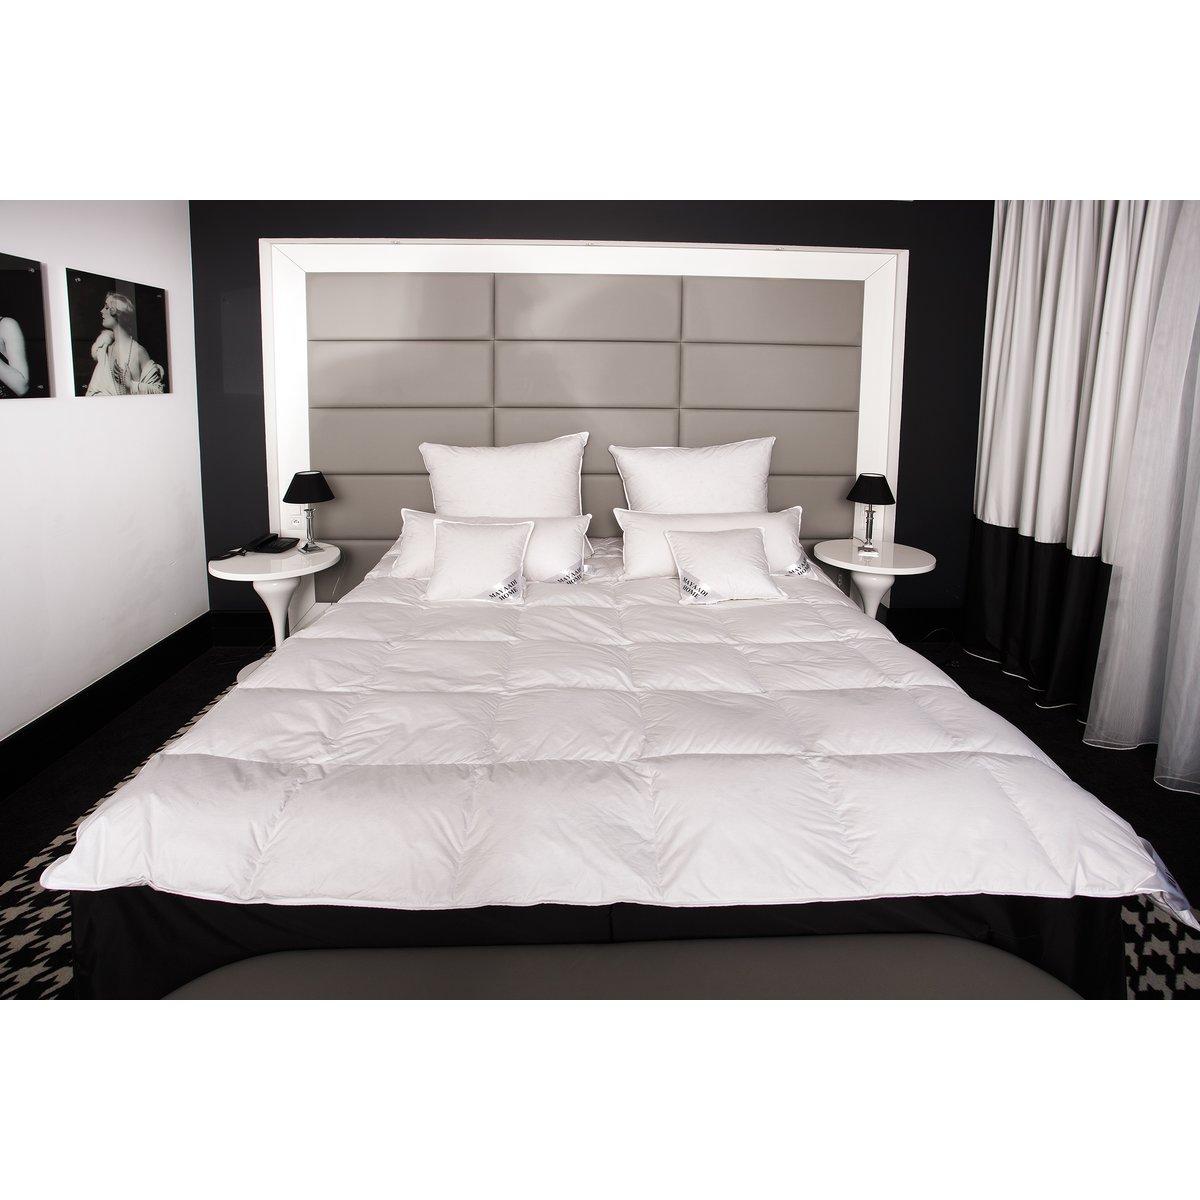 hs40 winter daunendecke bettdecke oberbett decke 70 daunen 155x2 69 90. Black Bedroom Furniture Sets. Home Design Ideas